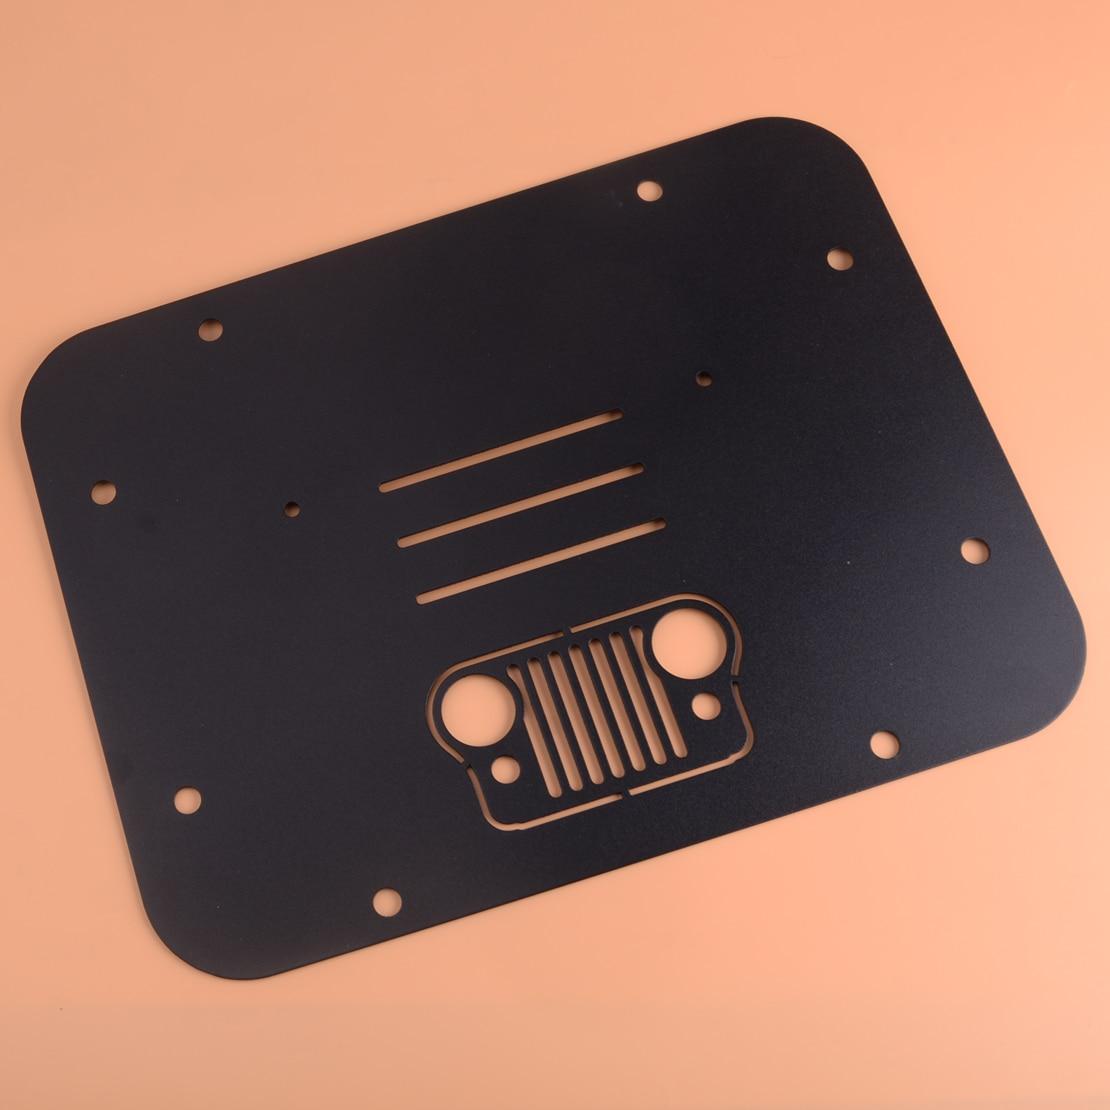 CITALL noir acier voiture Auto de rechange pneu transporteur supprimer plaque de remplissage Tramp timbre adapté pour Jeep Wrangler JK JKU 2007 2018